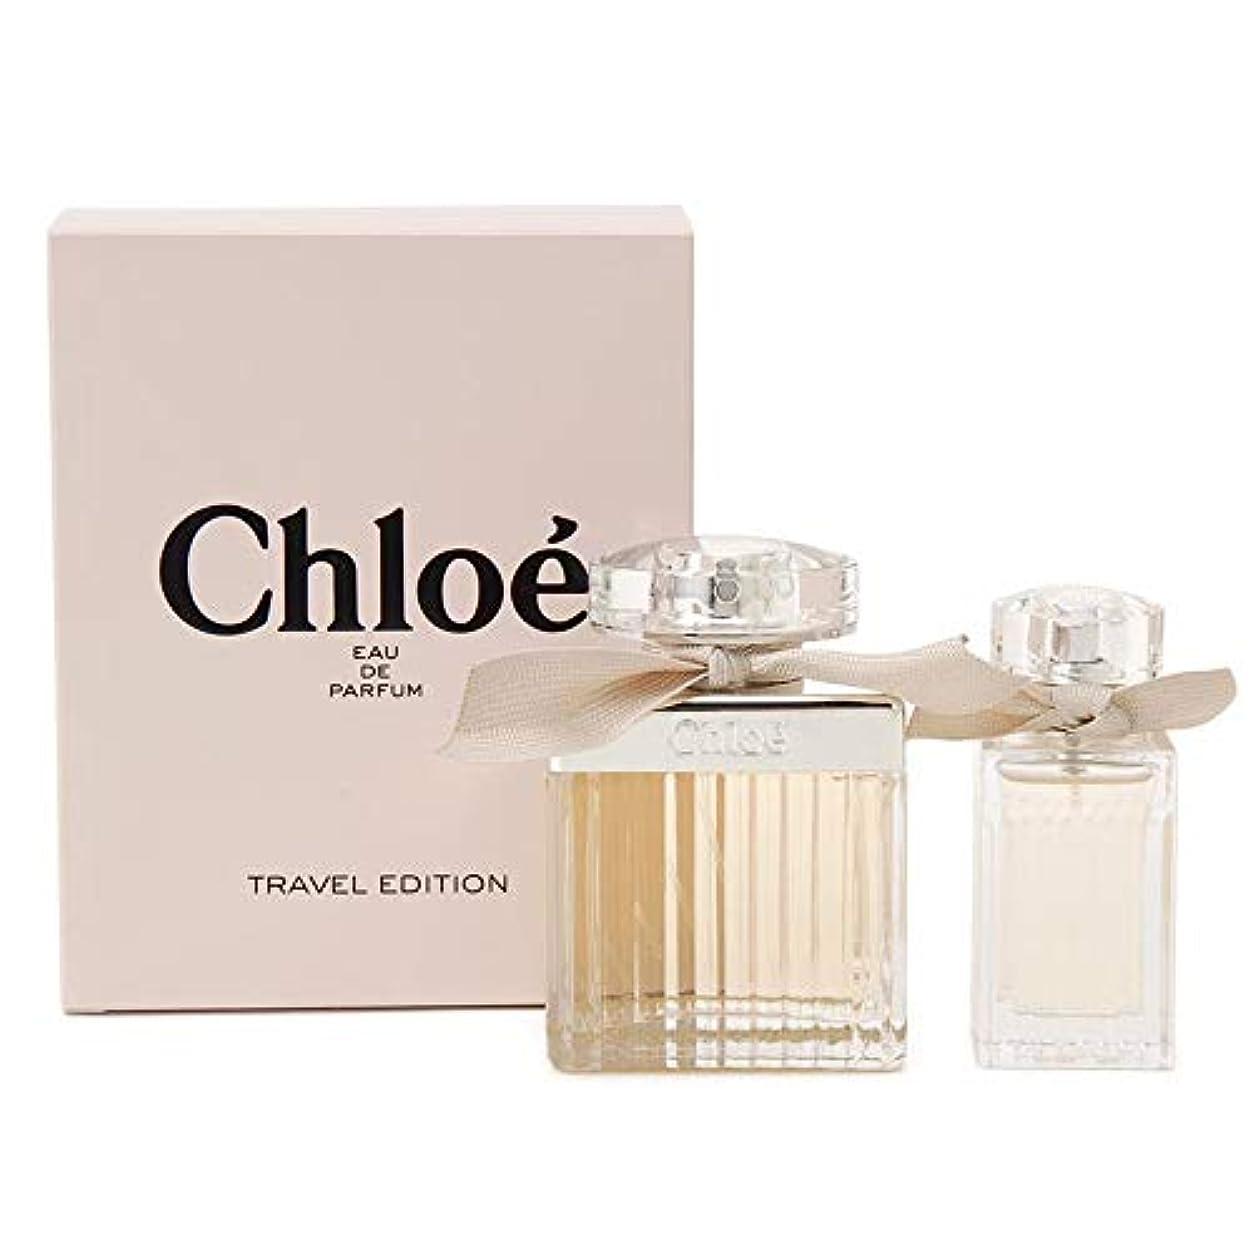 きつく招待キャッチクロエ chloe オードパルファム 香水セット 20ml 75ml 2P 香水 レディース 女性用 フレグランス [並行輸入品]